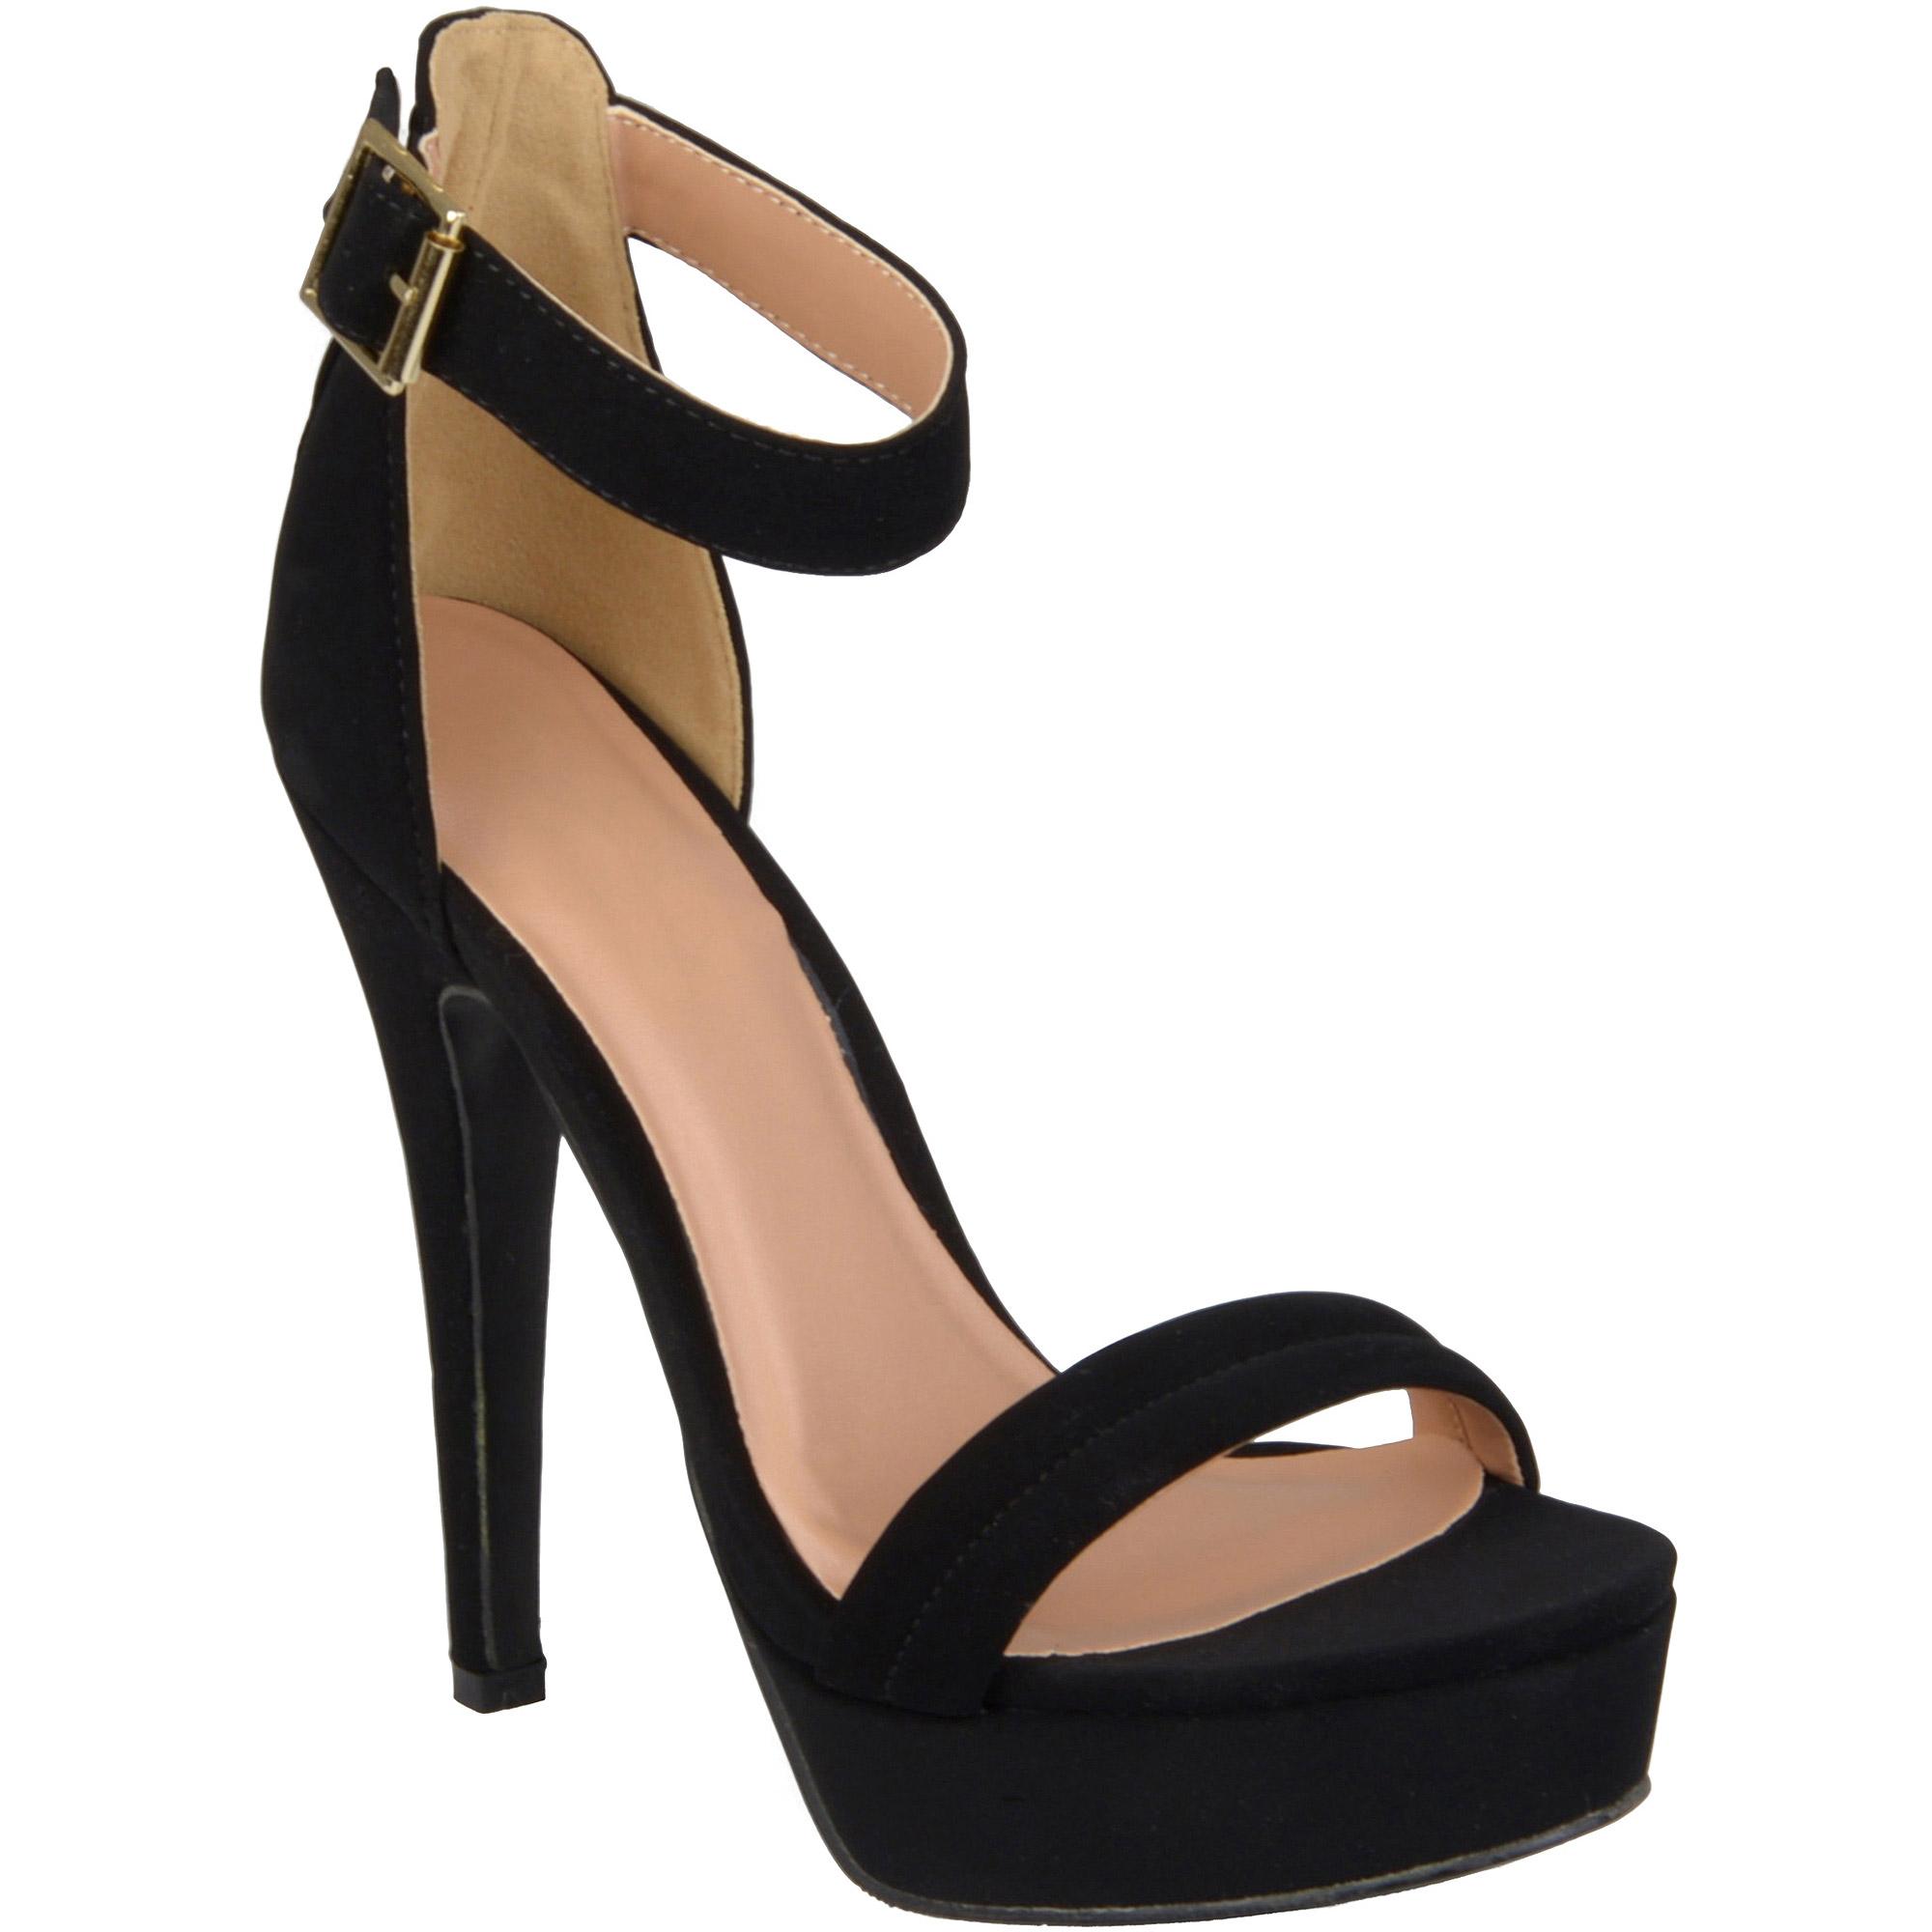 Brinley Co. Womens Ankle Strap Platform Stilettos